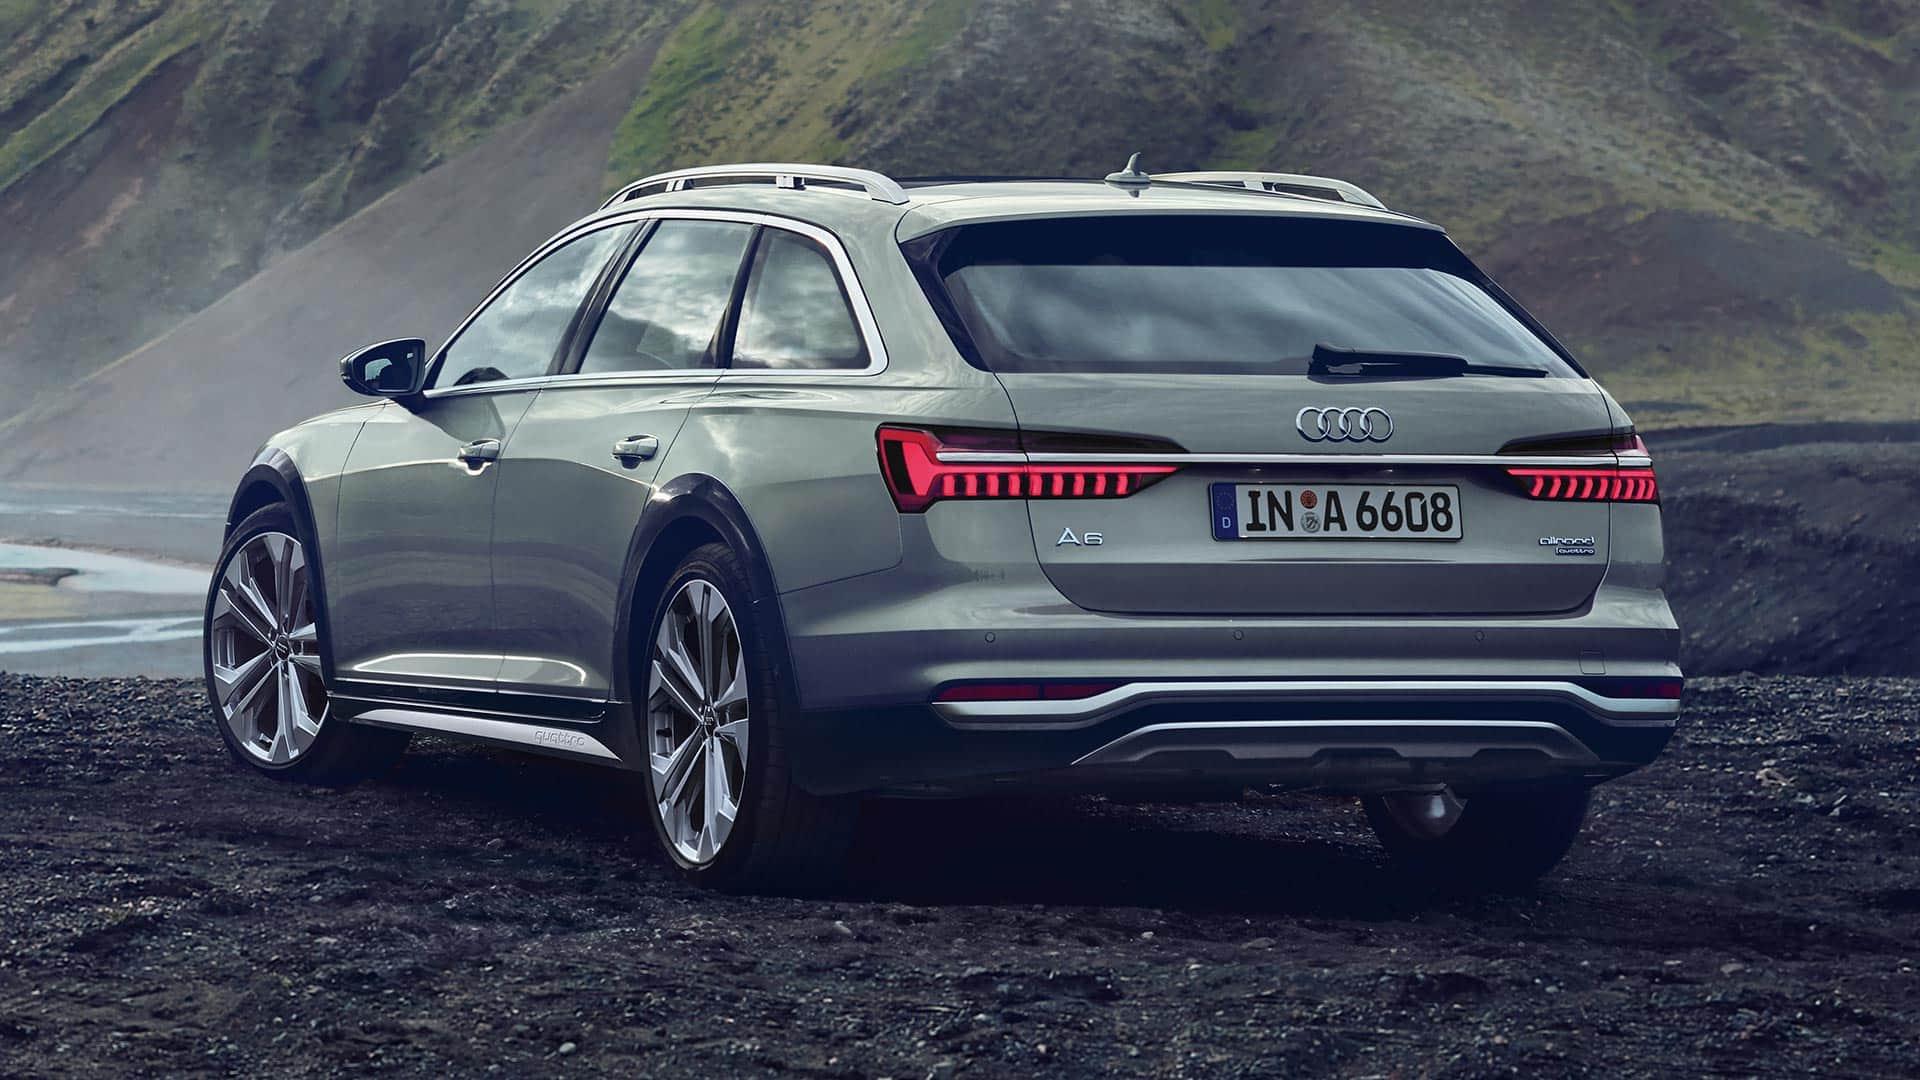 Kelebihan Kekurangan Audi A6 Allroad Quattro Review